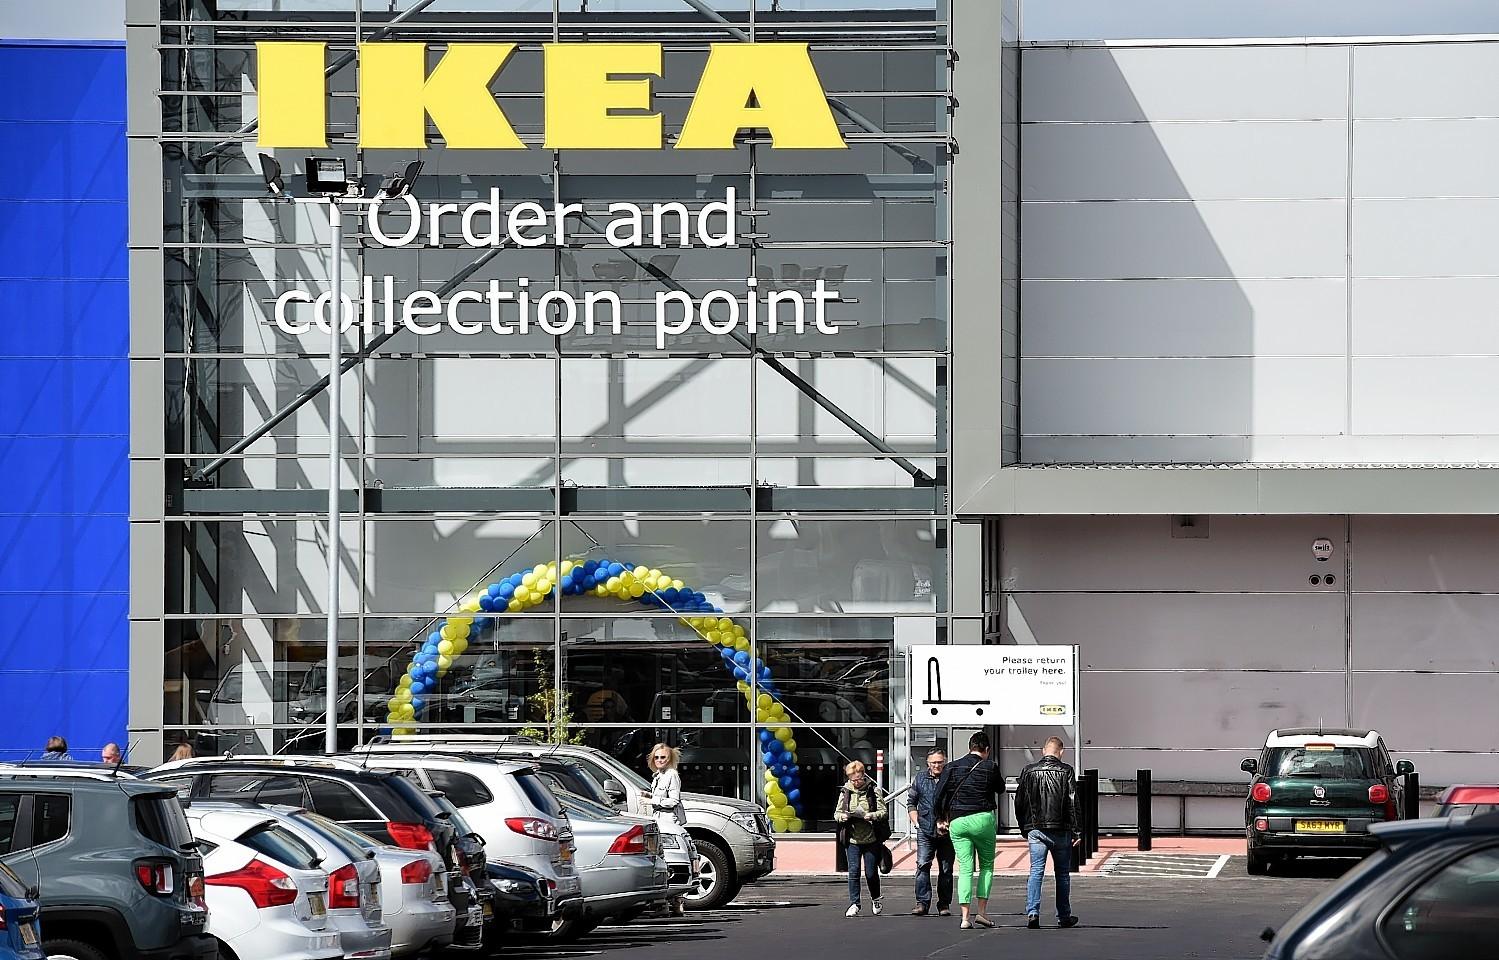 Ikea in Aberdeen